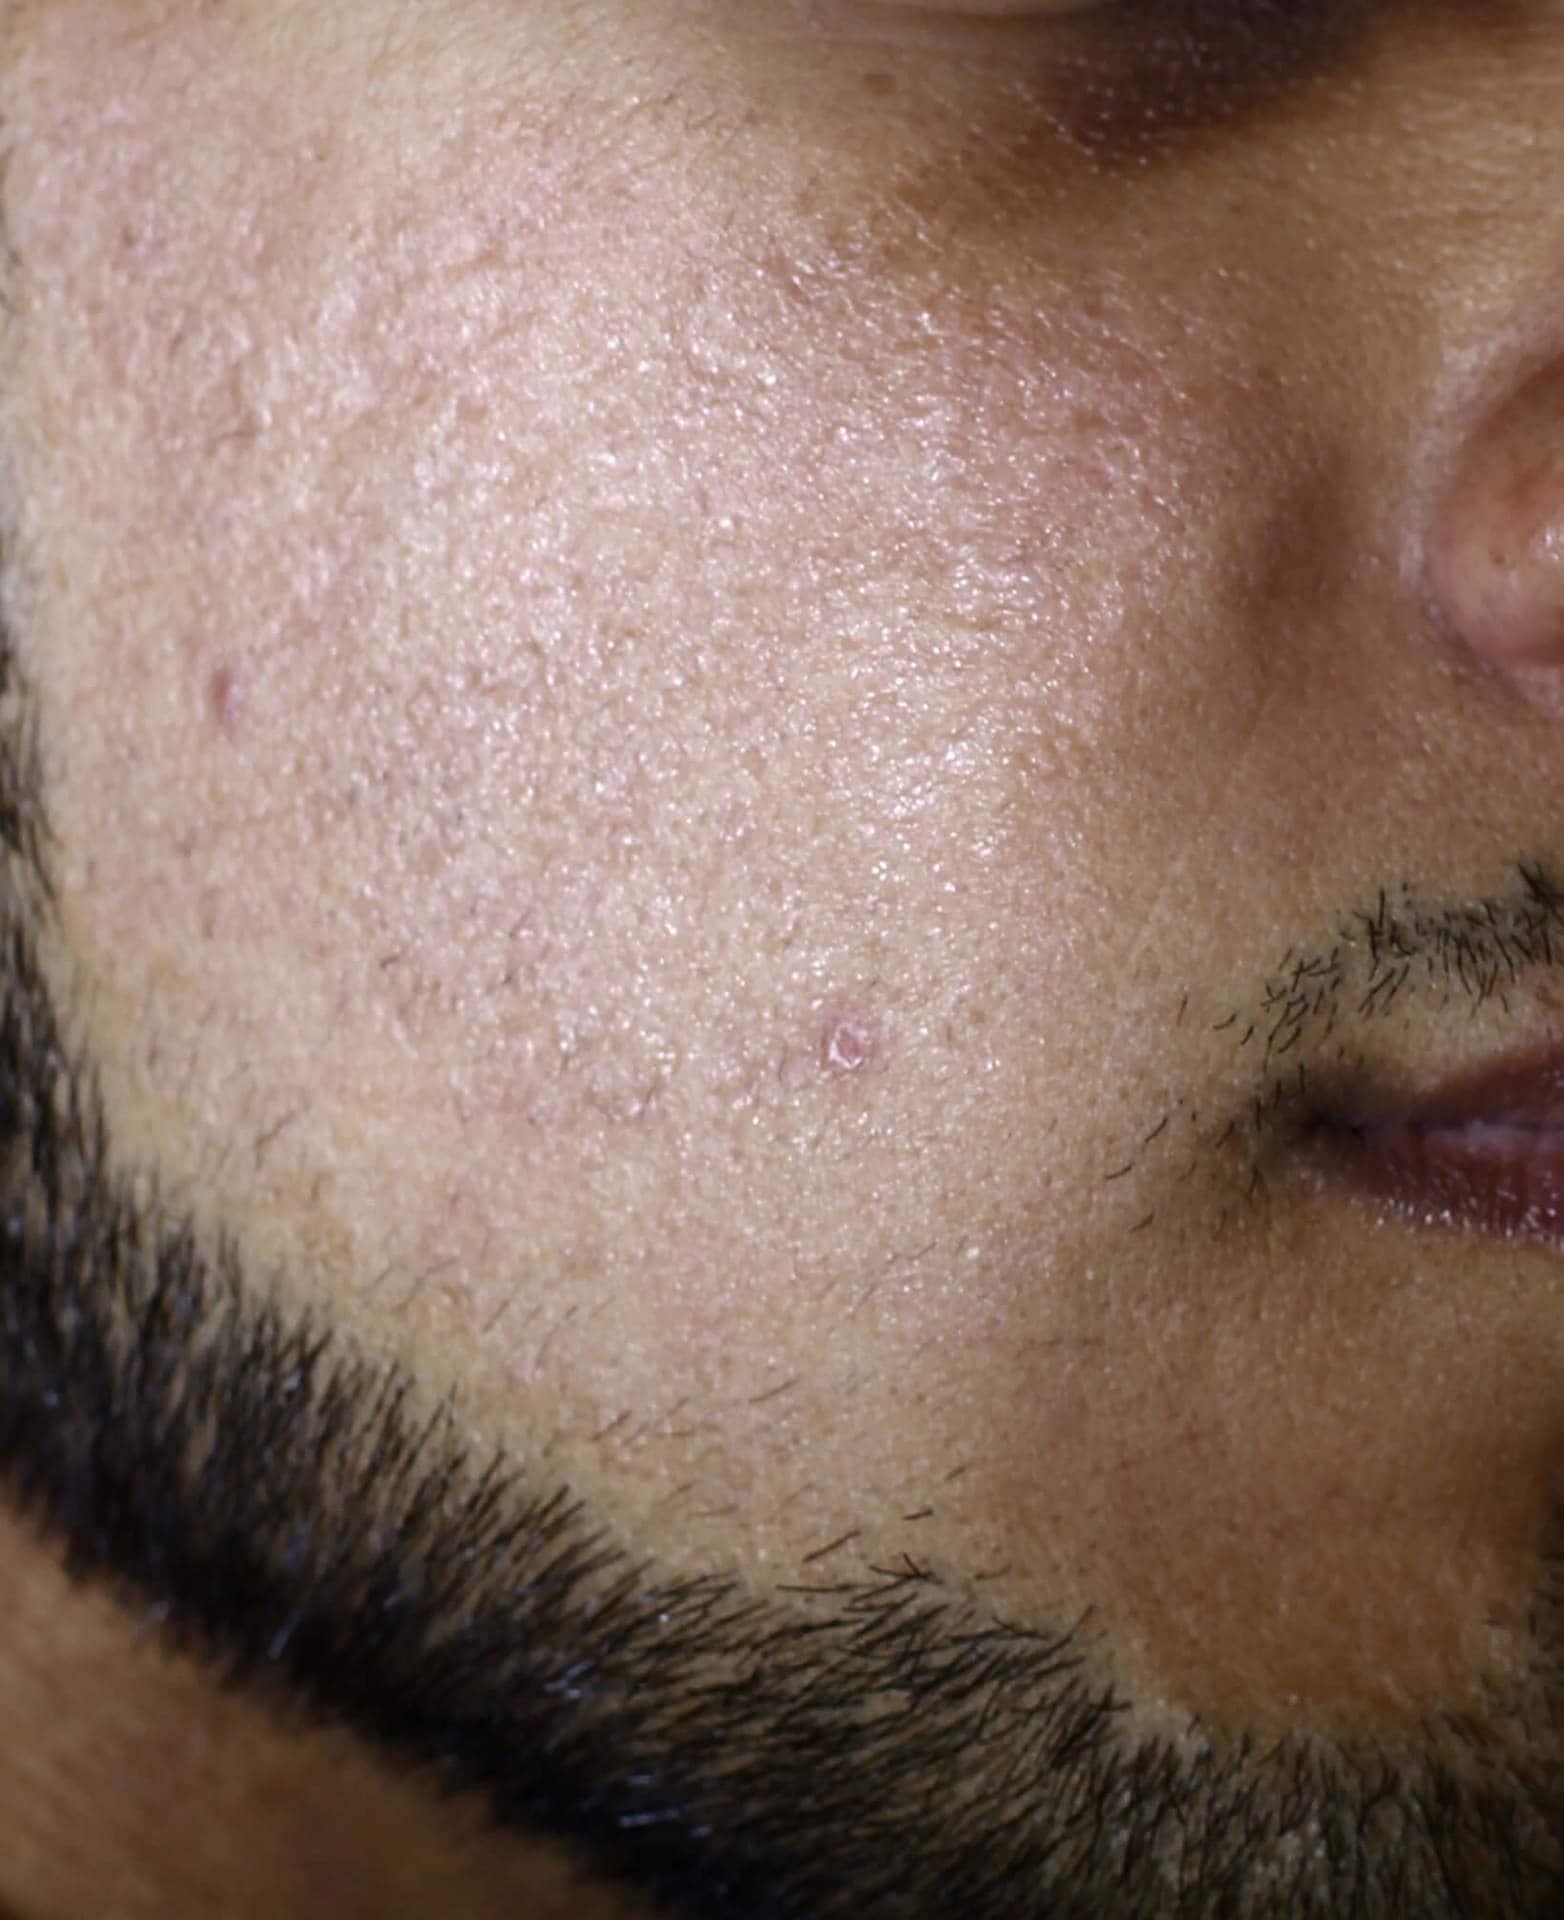 rode acne littekens